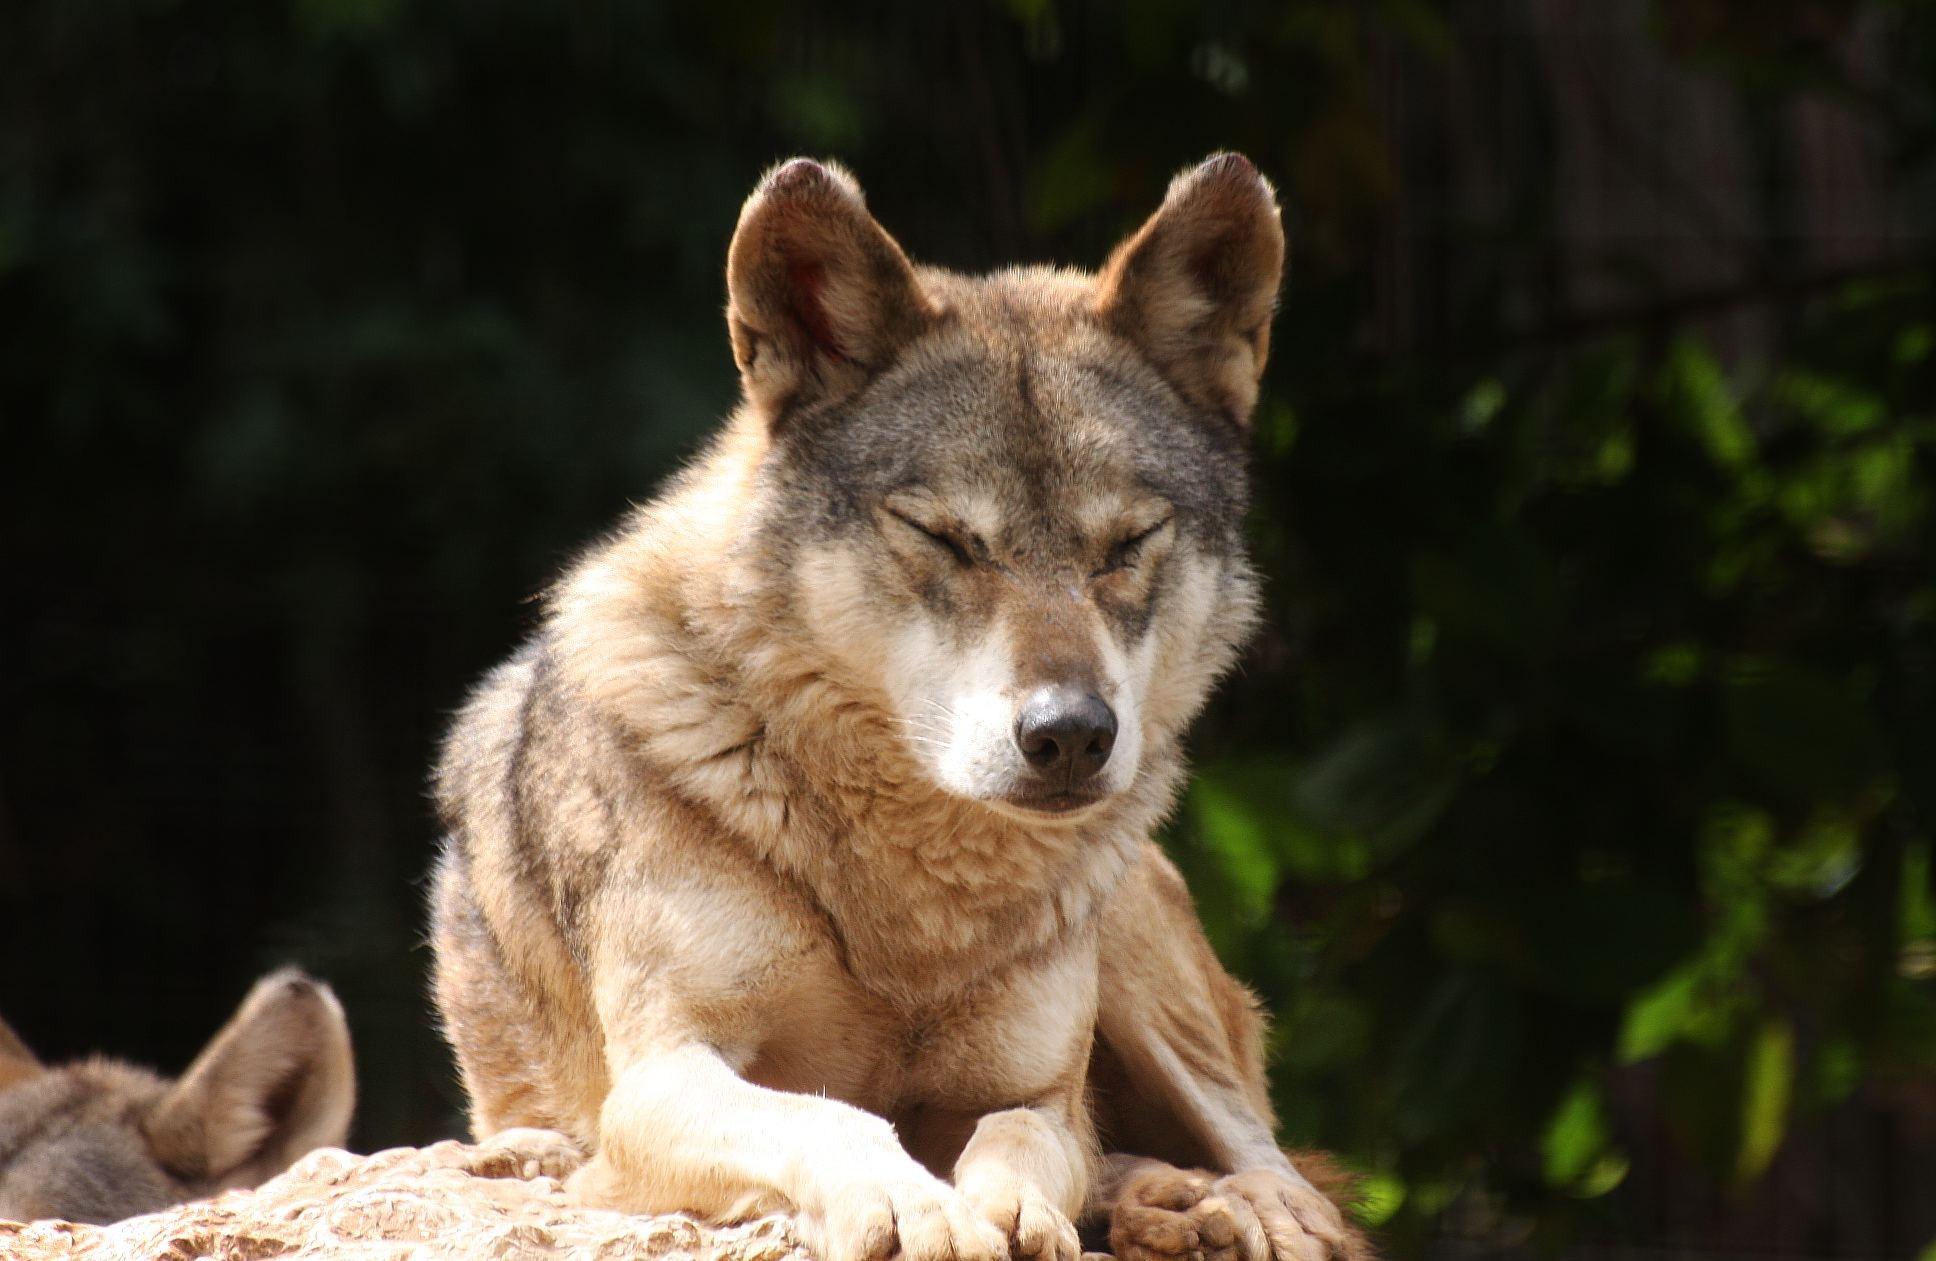 صوره الذئب وهو نائم